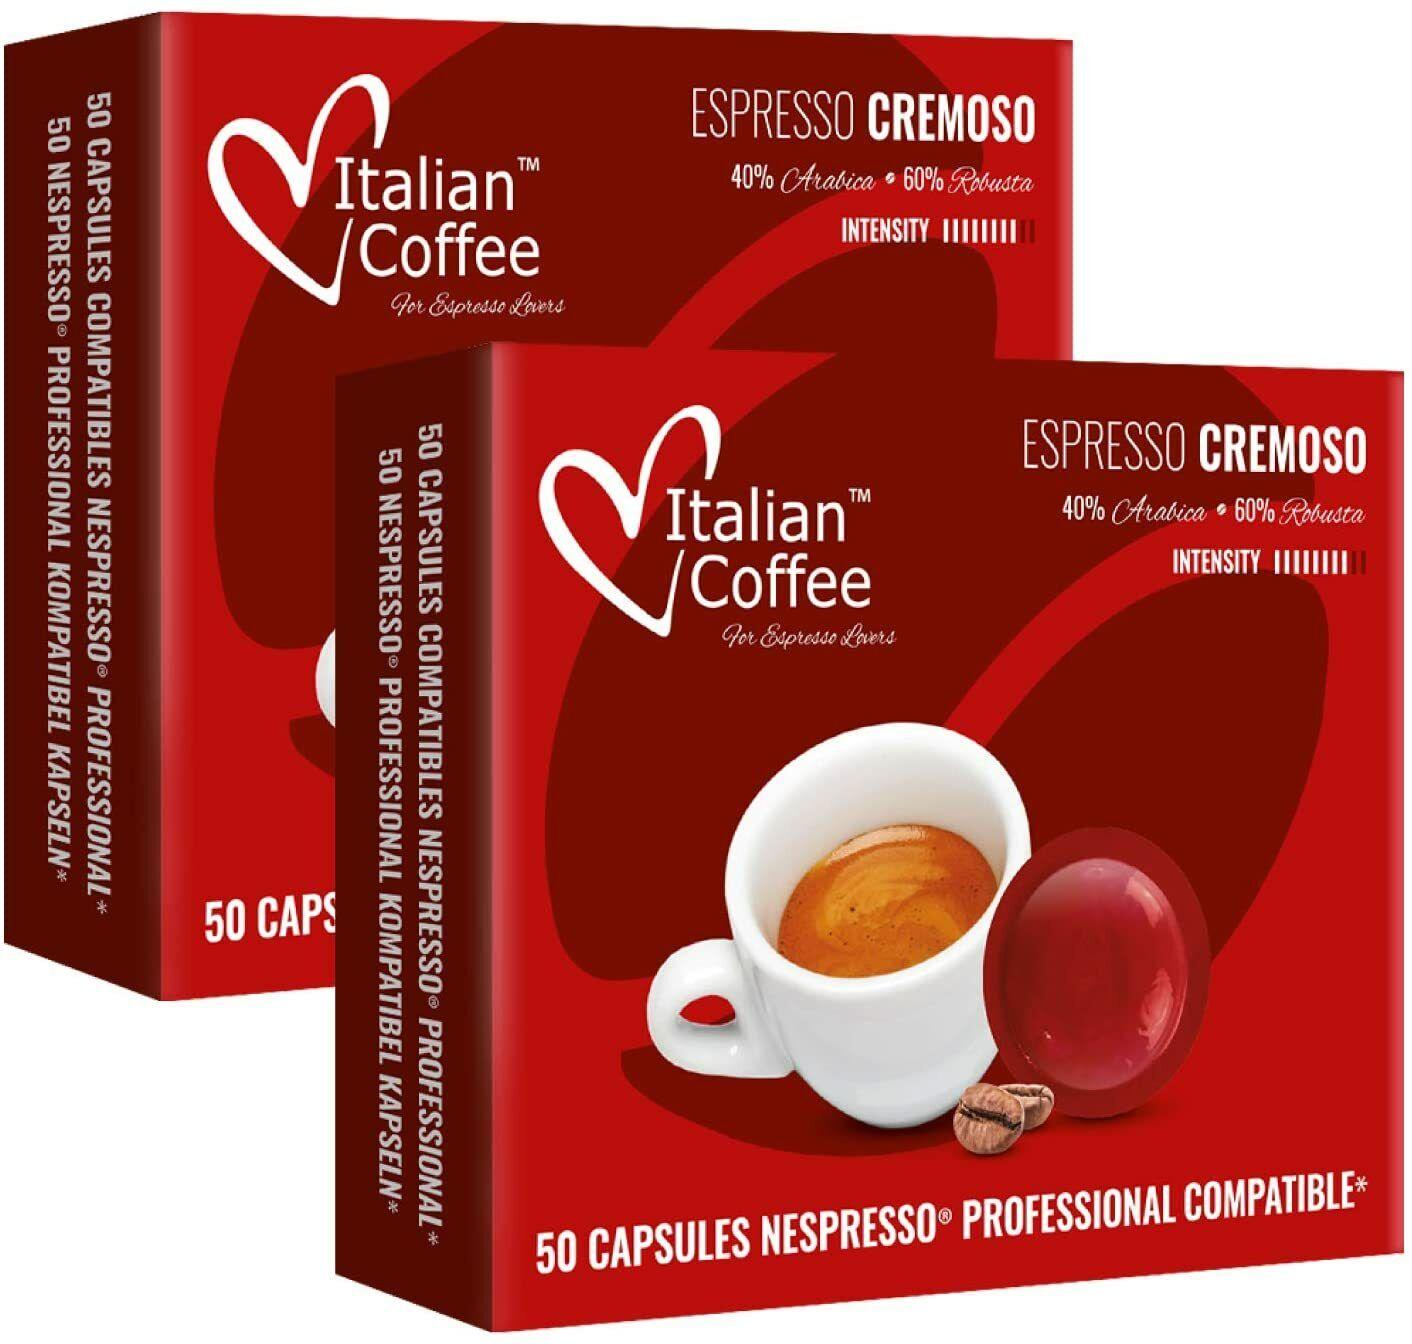 Nespresso Profesional 100 Compatibles - Cremoso